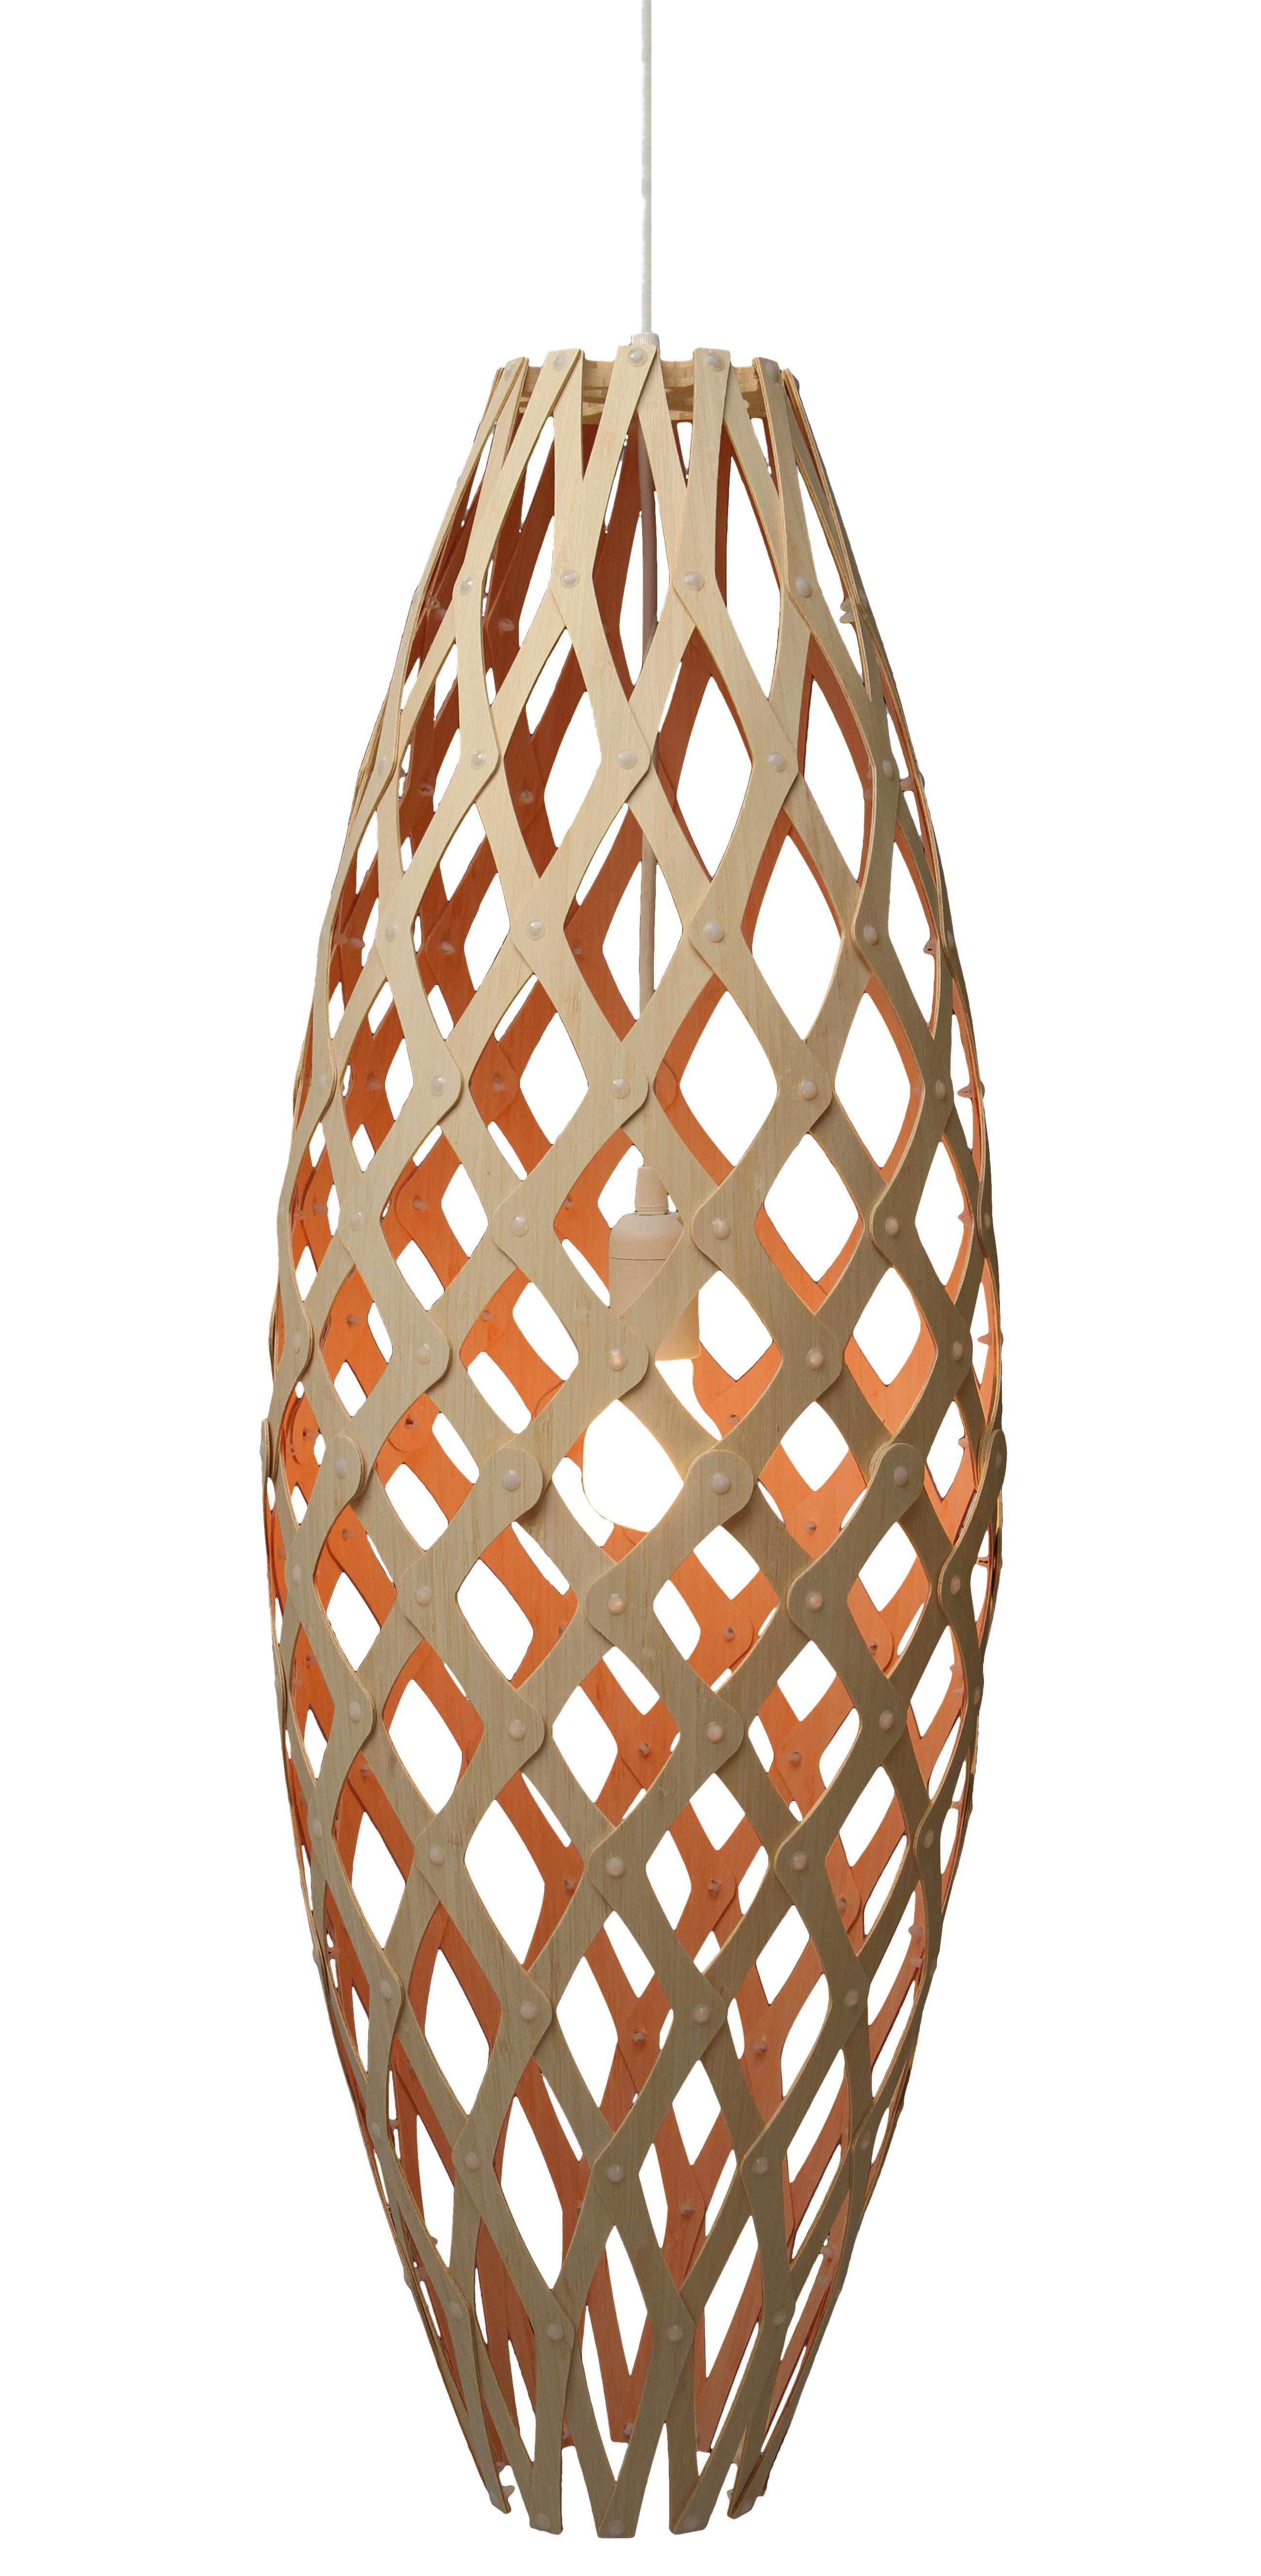 Illuminazione - Lampadari - Sospensione Hinaki - H 90 cm - Bicolore - Esclusiva di David Trubridge - Arancione/ legno naturale - Bambù